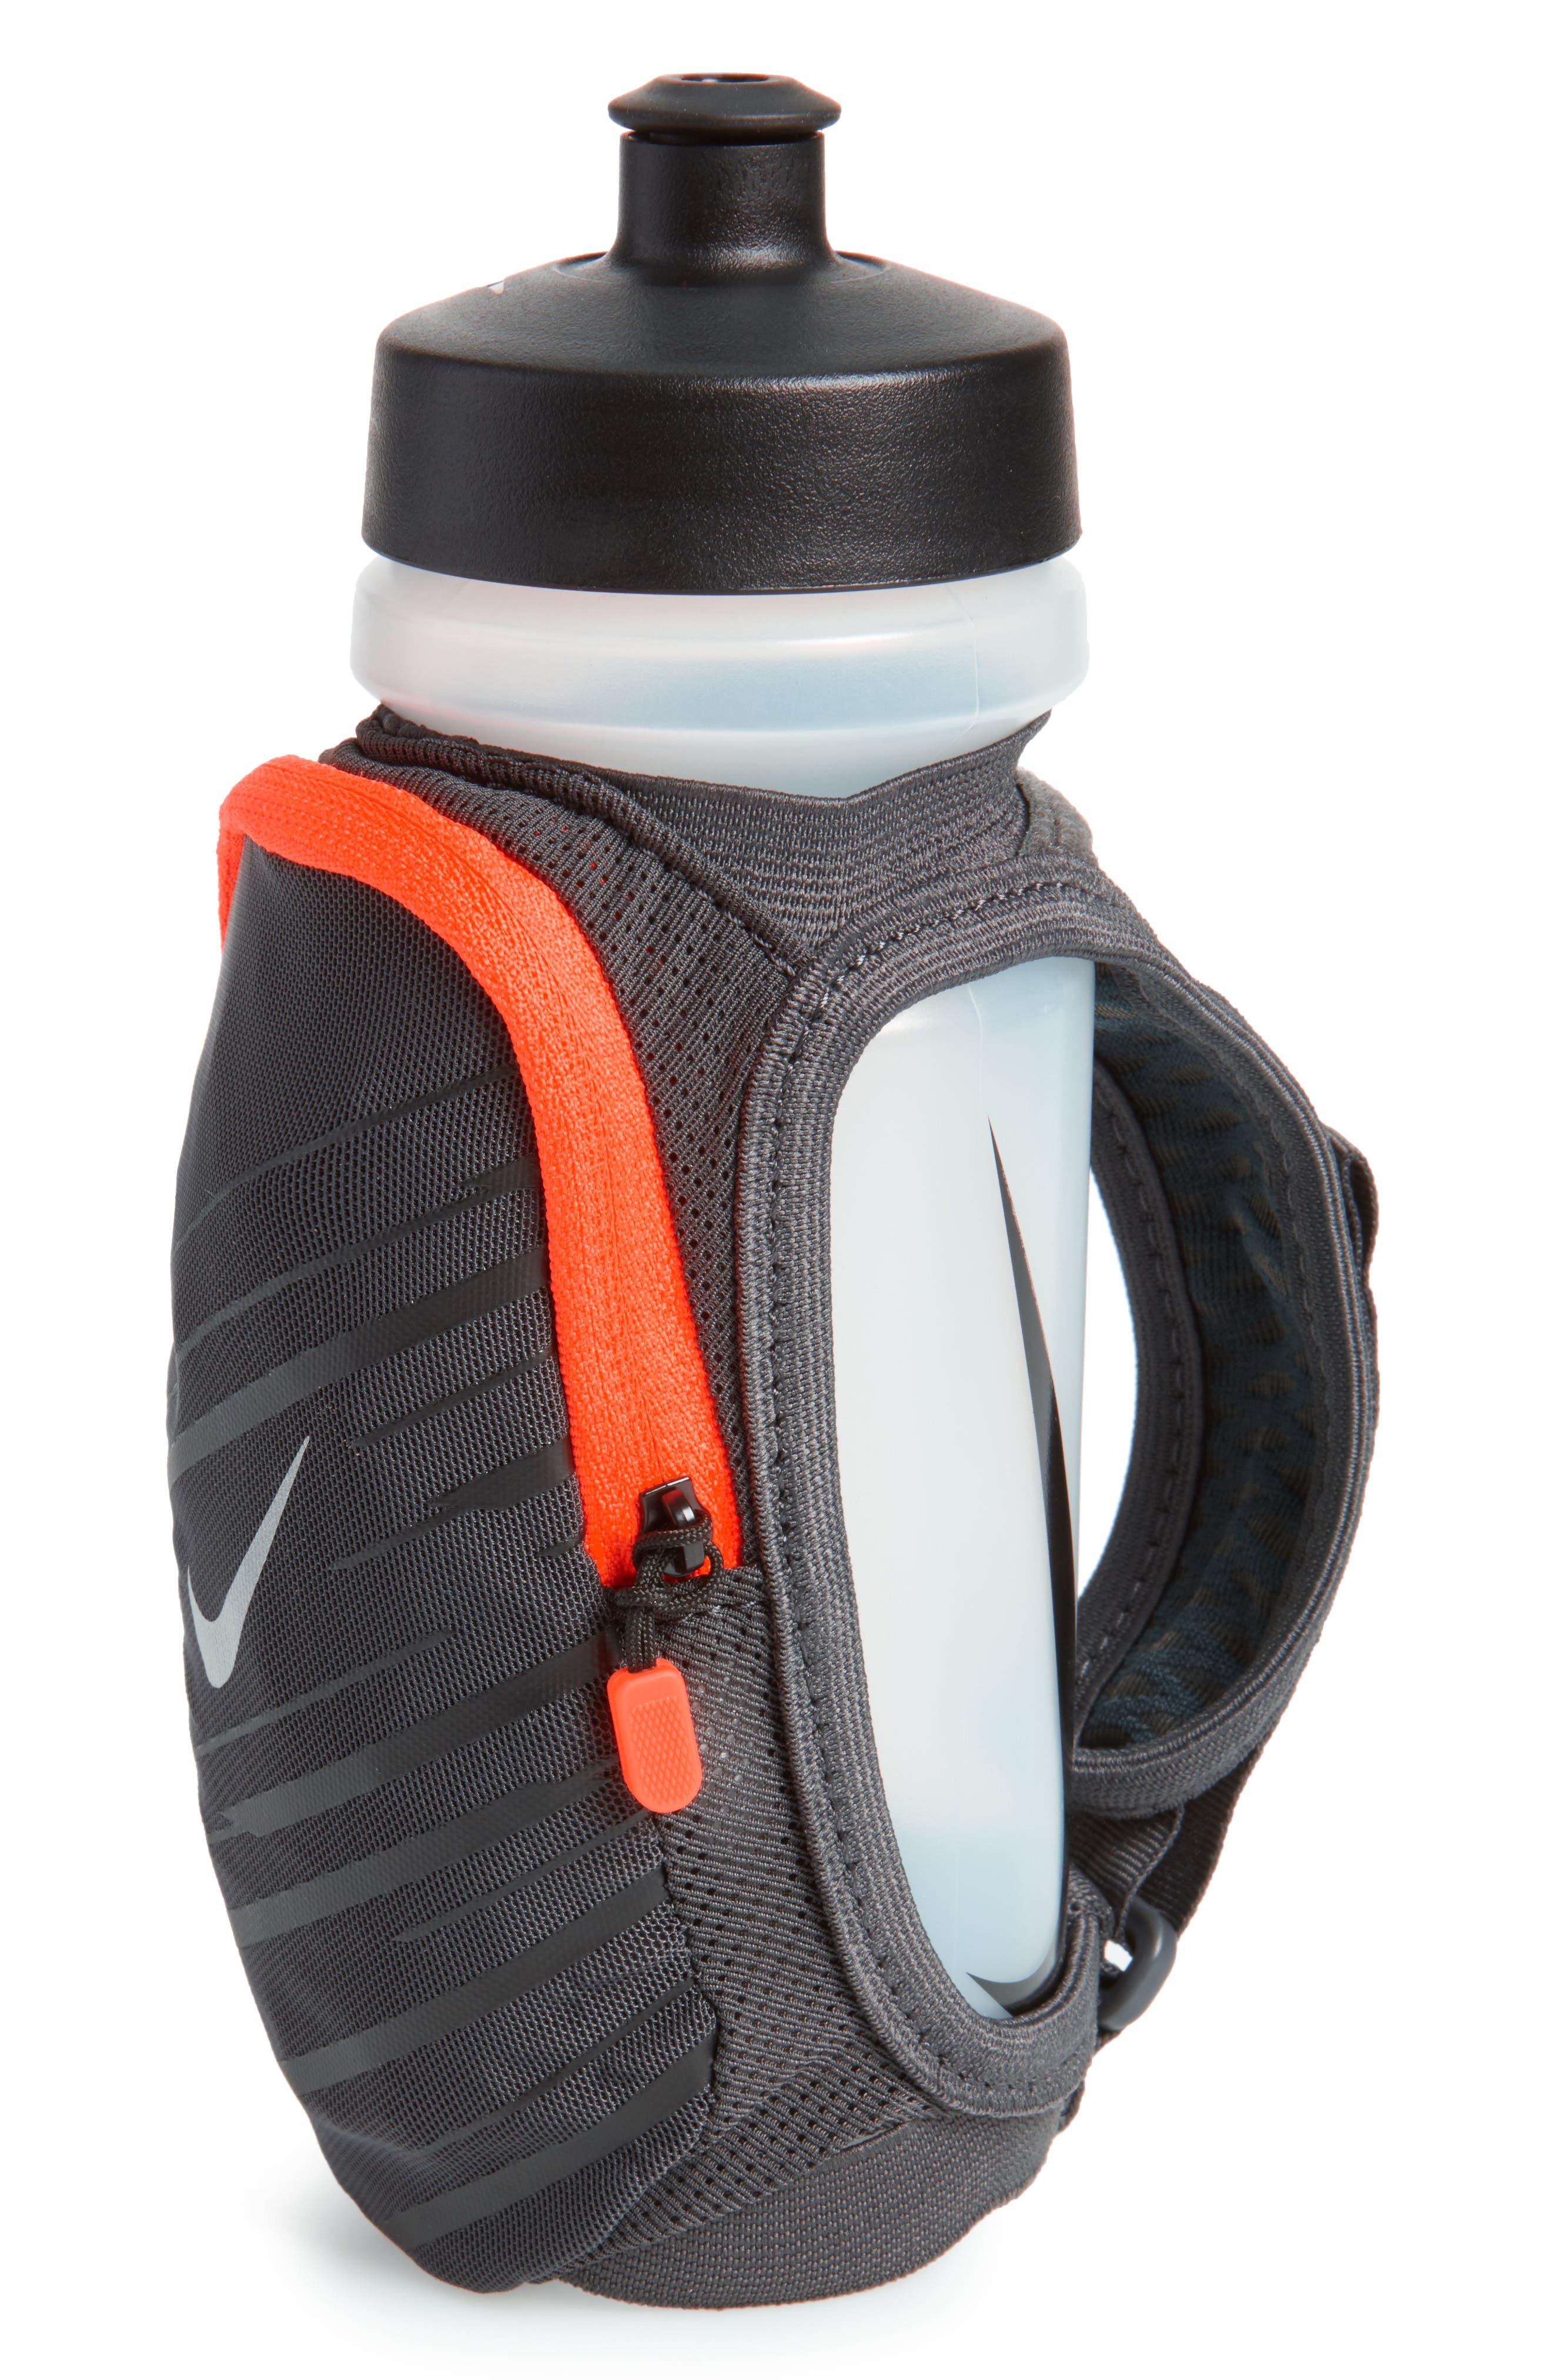 Main Image - Nike Handheld Water Bottle Strap